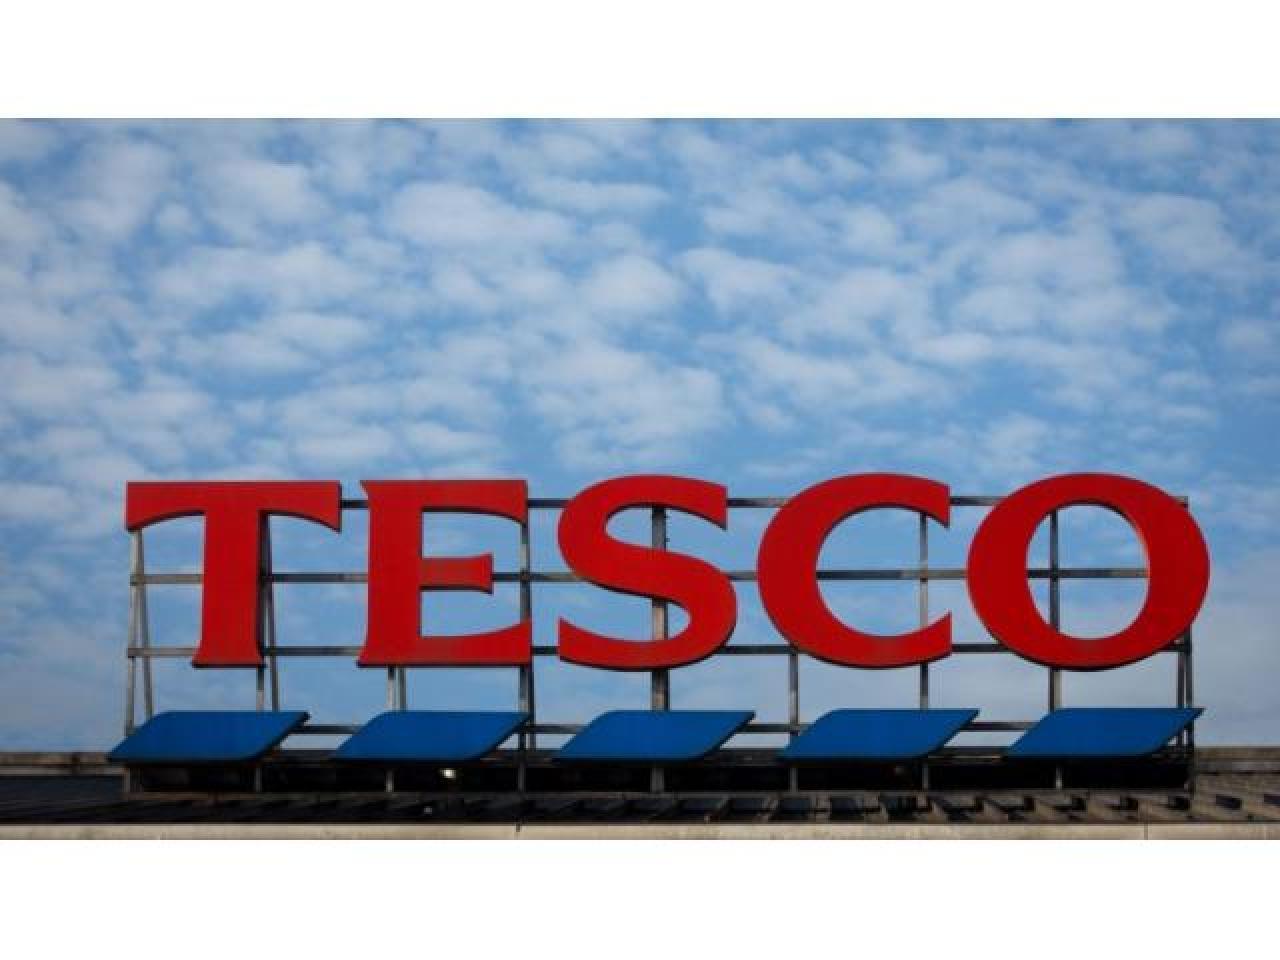 Компании Hunter Recruitment  требуются работники на на склады Tesco. - 1